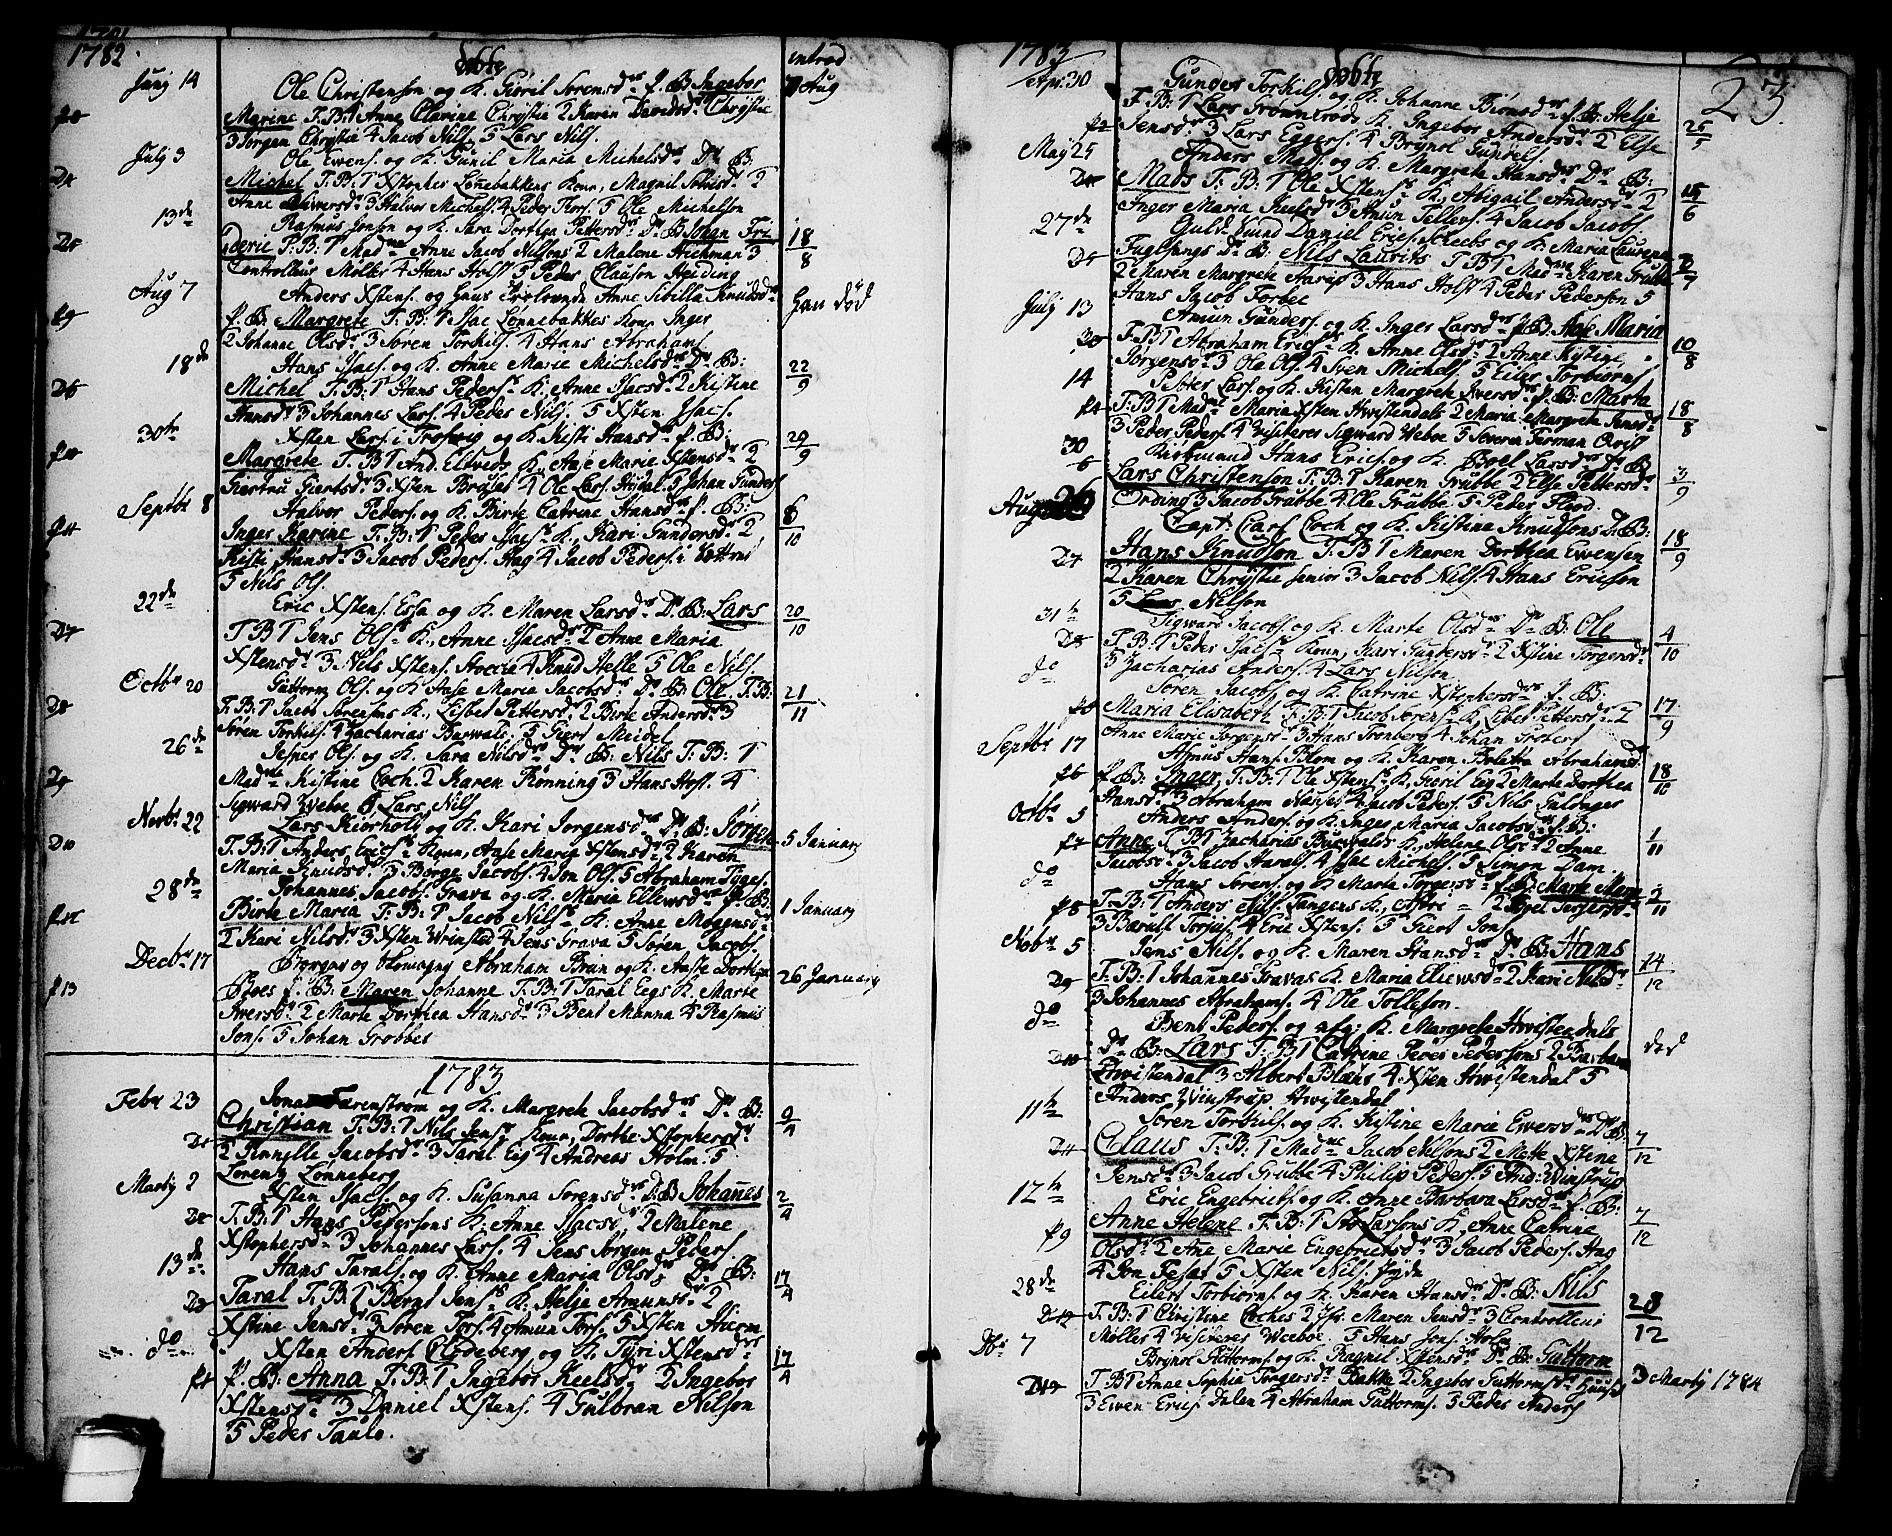 SAKO, Brevik kirkebøker, F/Fa/L0003: Ministerialbok nr. 3, 1764-1814, s. 23